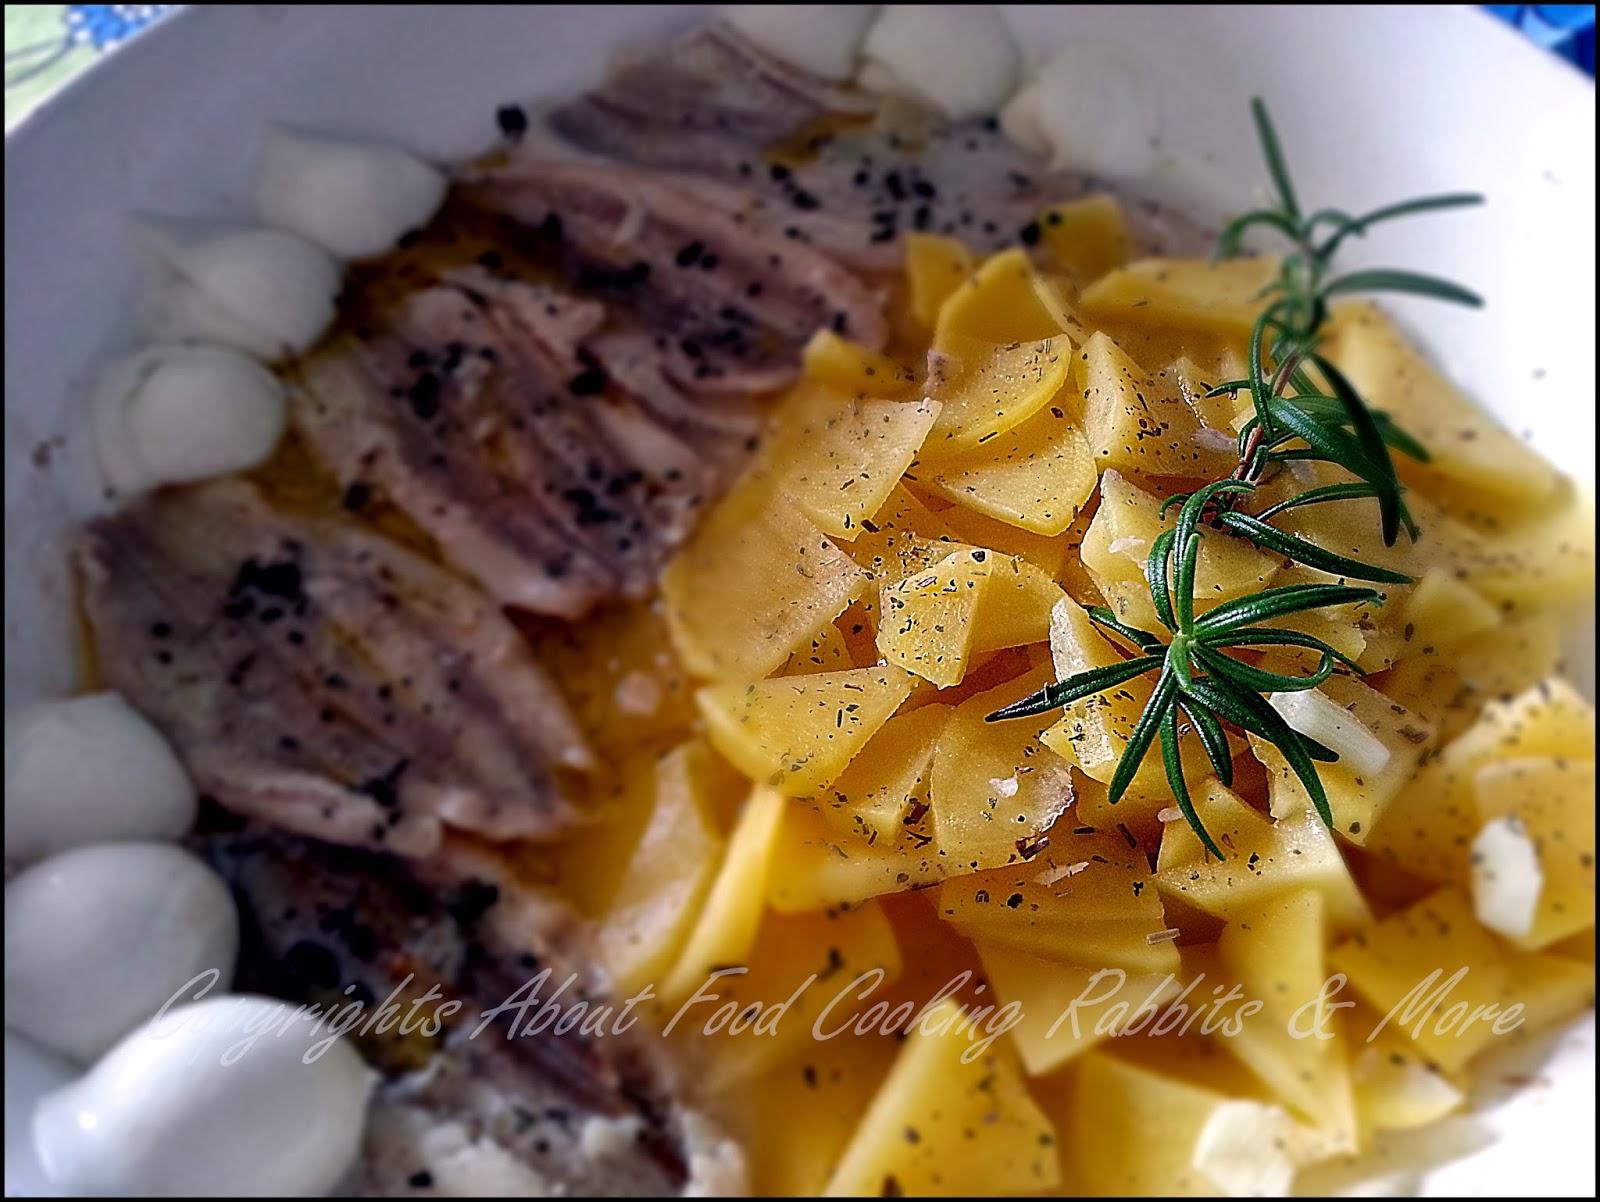 Filetti di Pesce in padella con Patate e Bocconcini di Mozzarella all'Aroma di Timo e Rosmarino